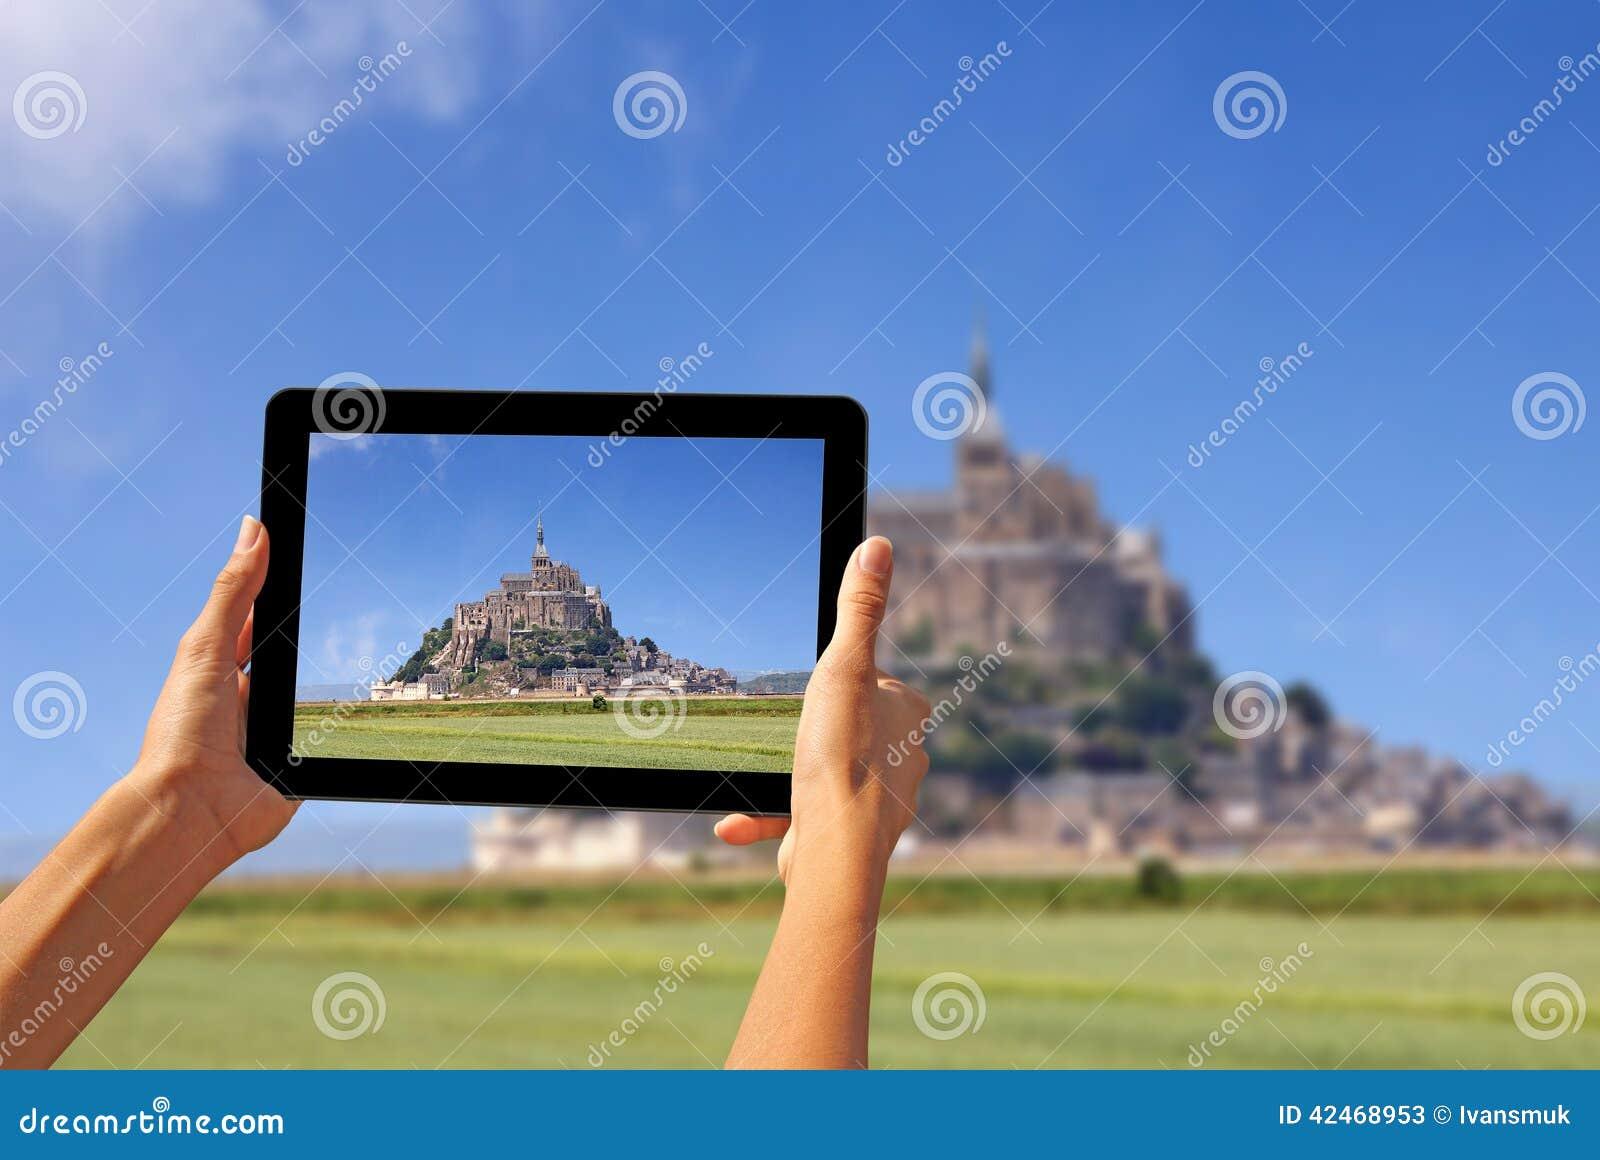 Machen von Fotos auf einer Tablette